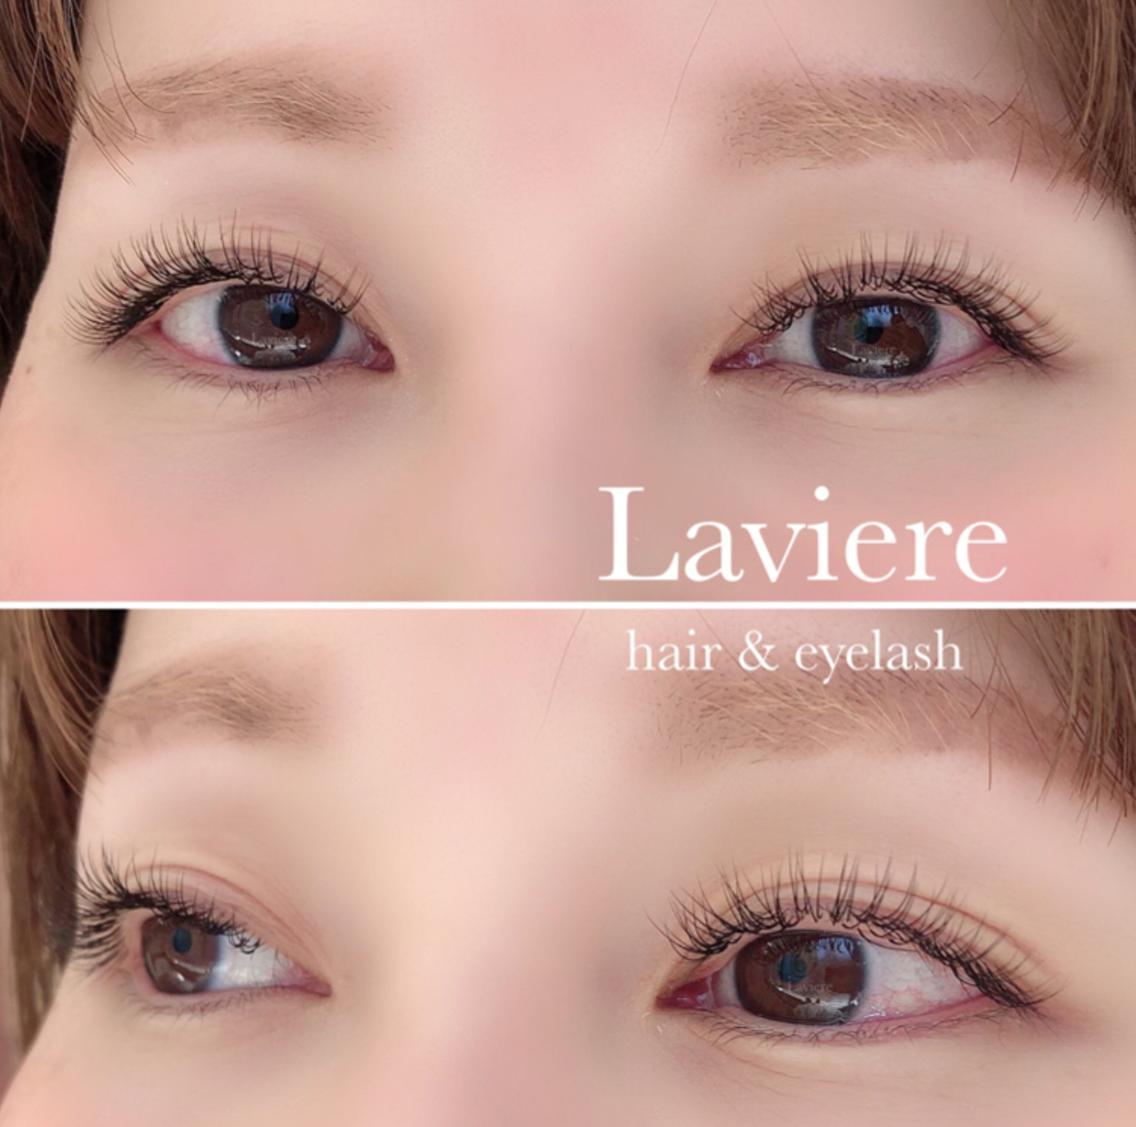 Laviere hair&eyelash所属・Laviereeyelashの掲載